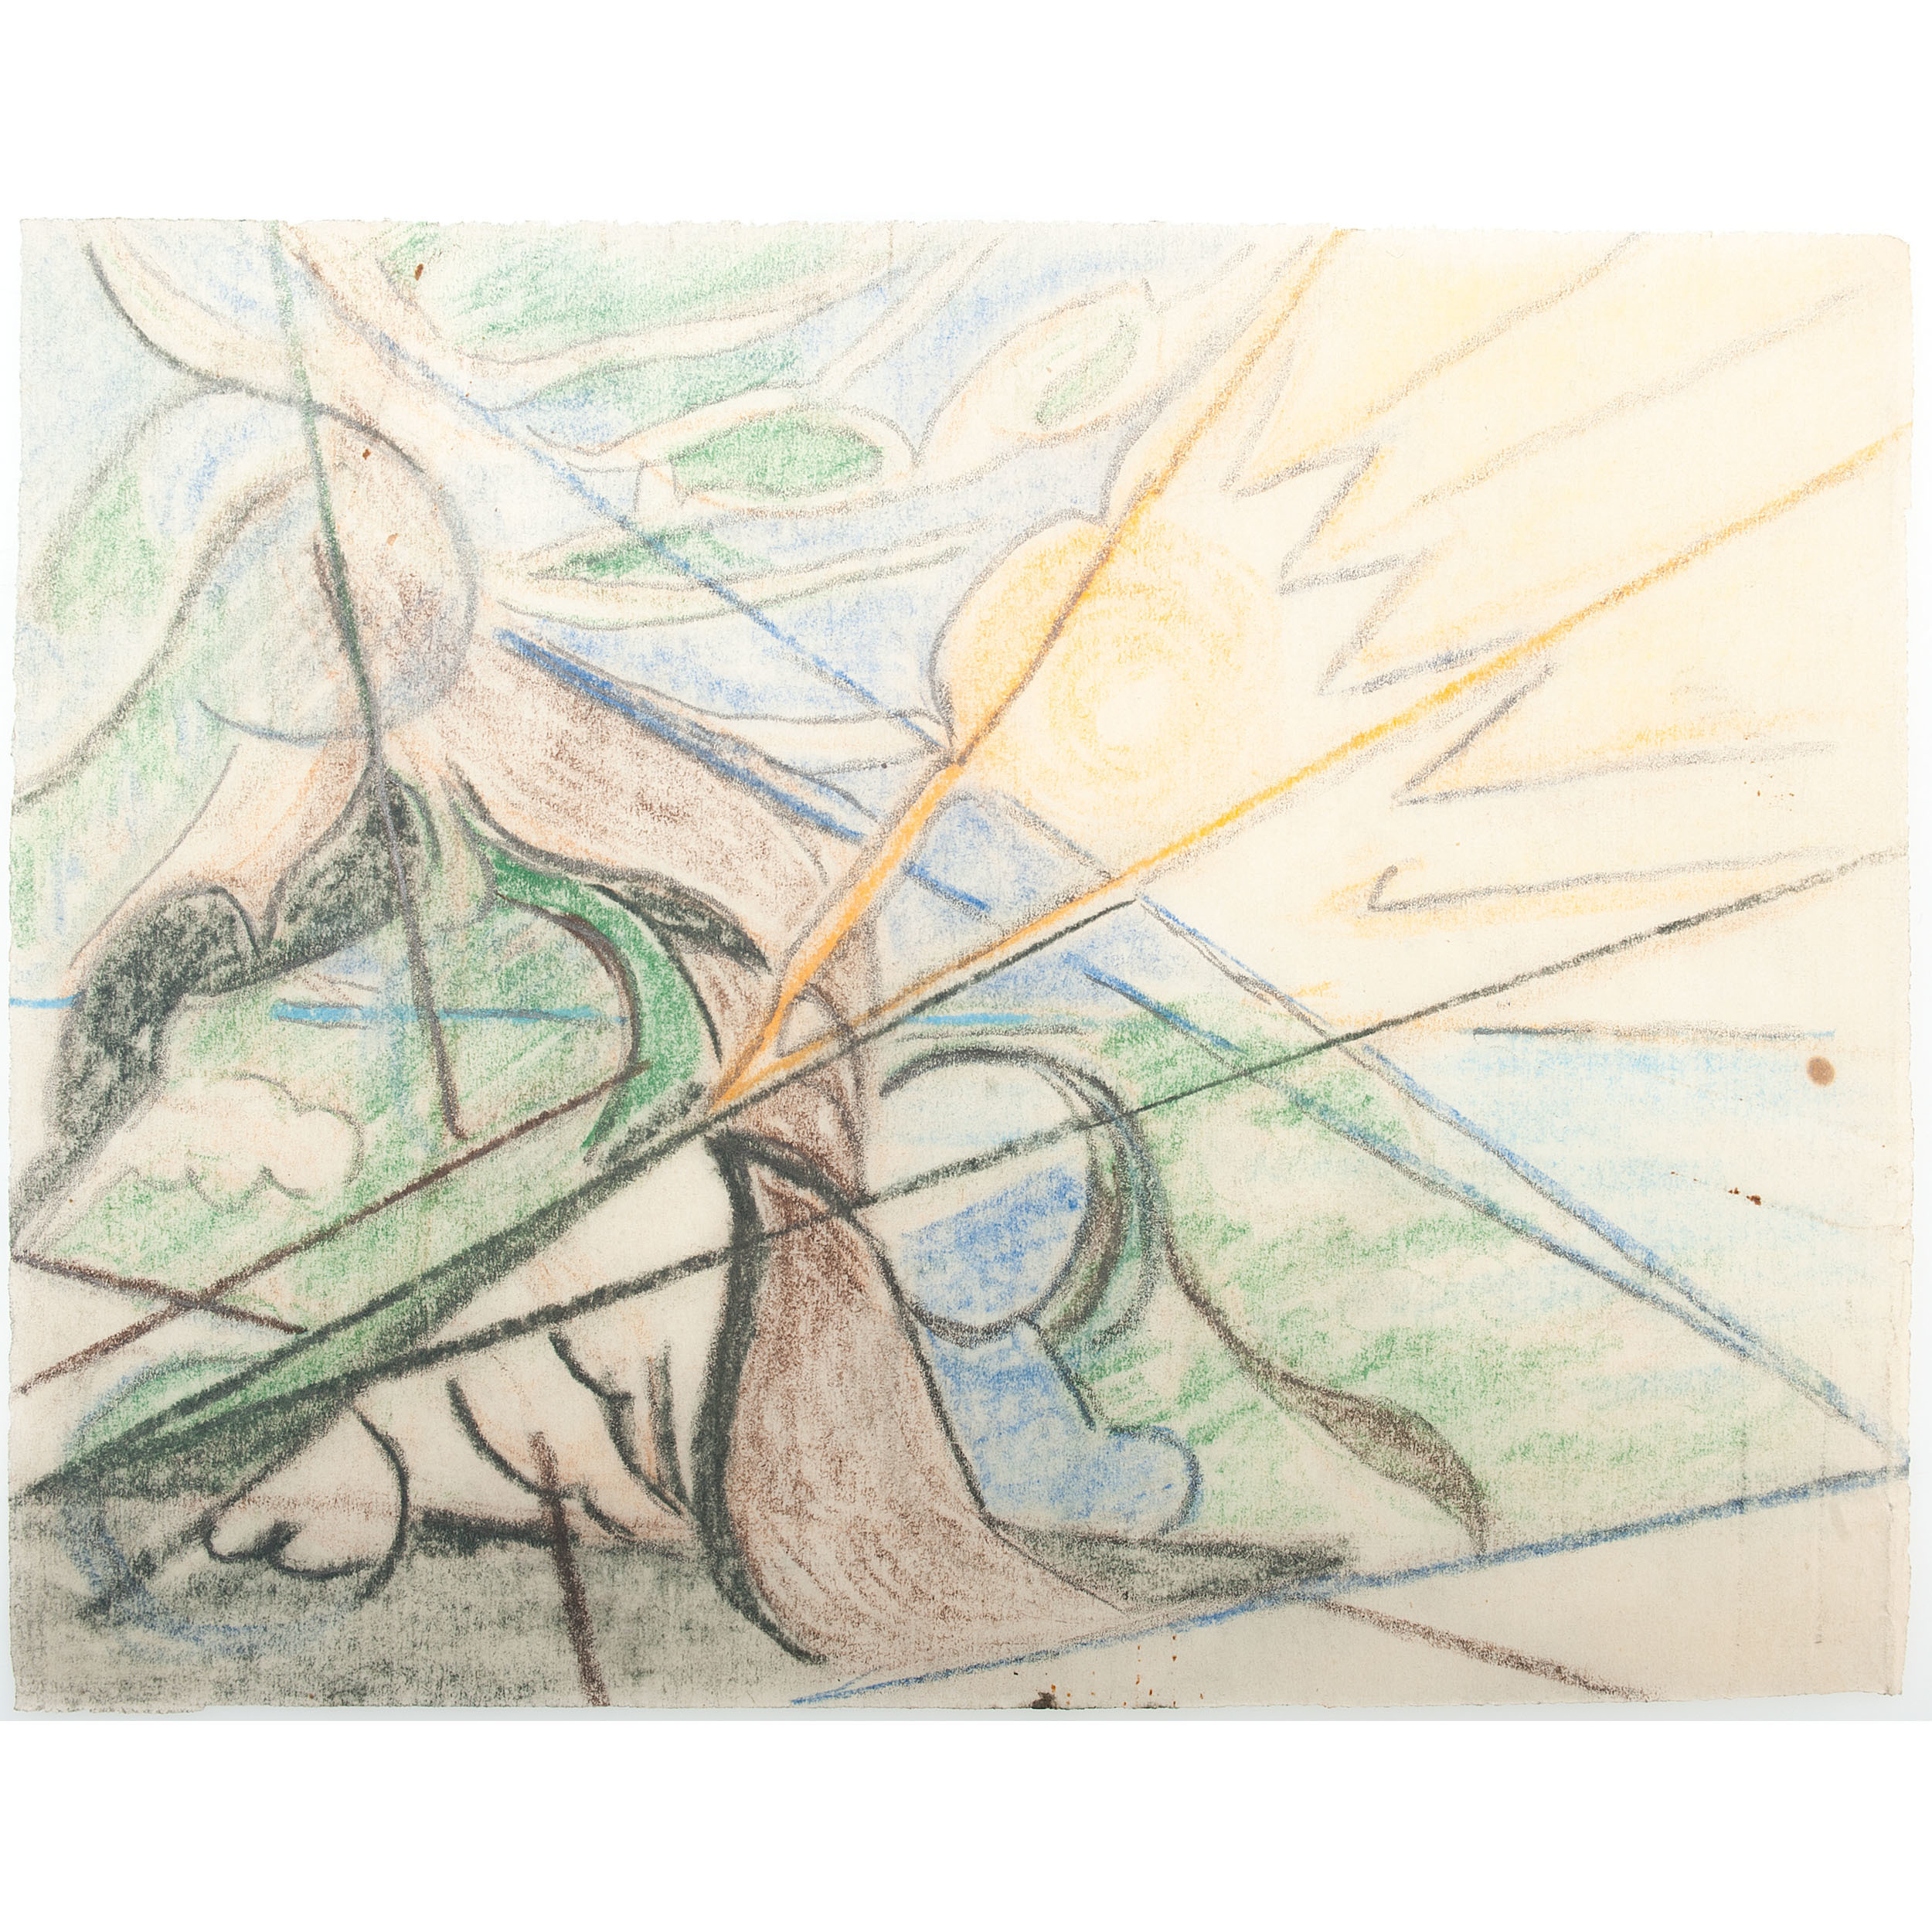 Ida Carmichael (Cincinnati, 1884-1981), Graphite, Pencil